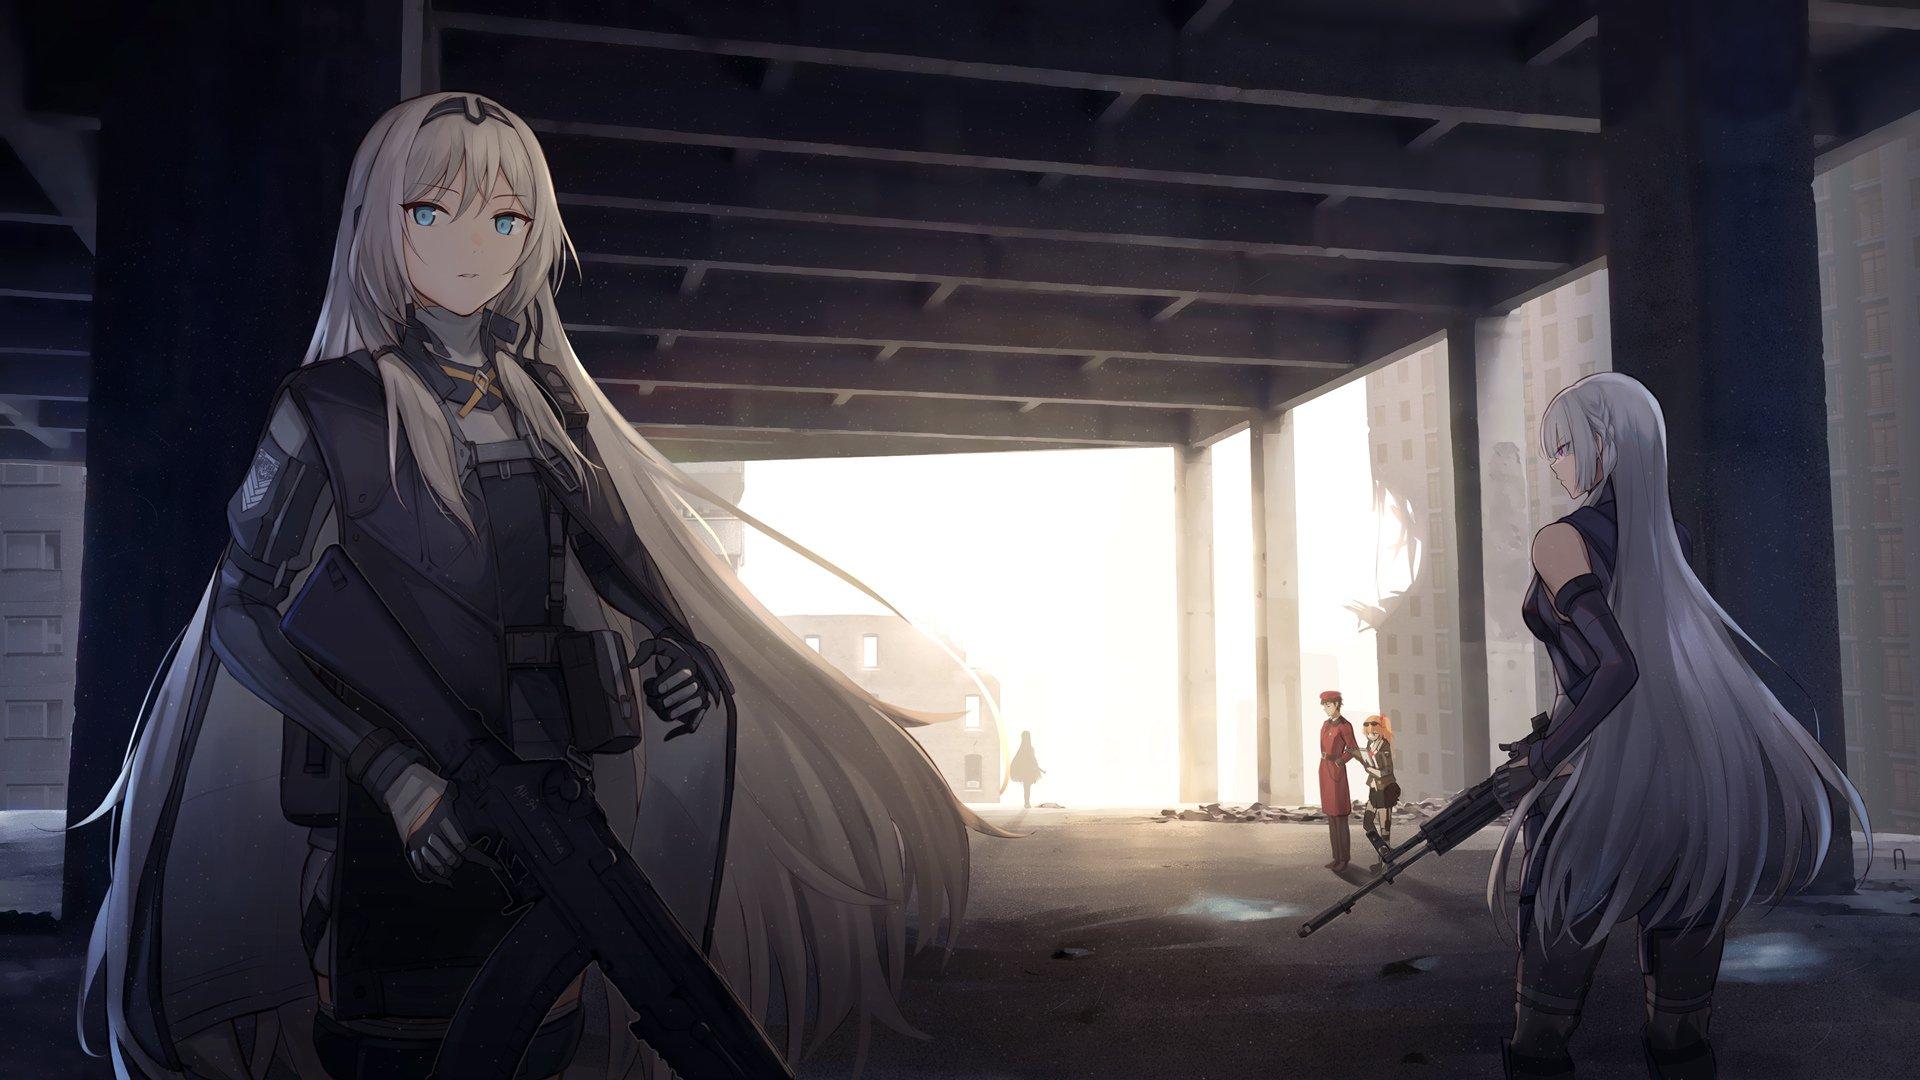 废墟 战场 拿枪的美少女 黑衣女孩 动漫壁纸,高清动漫电脑桌面壁纸插图